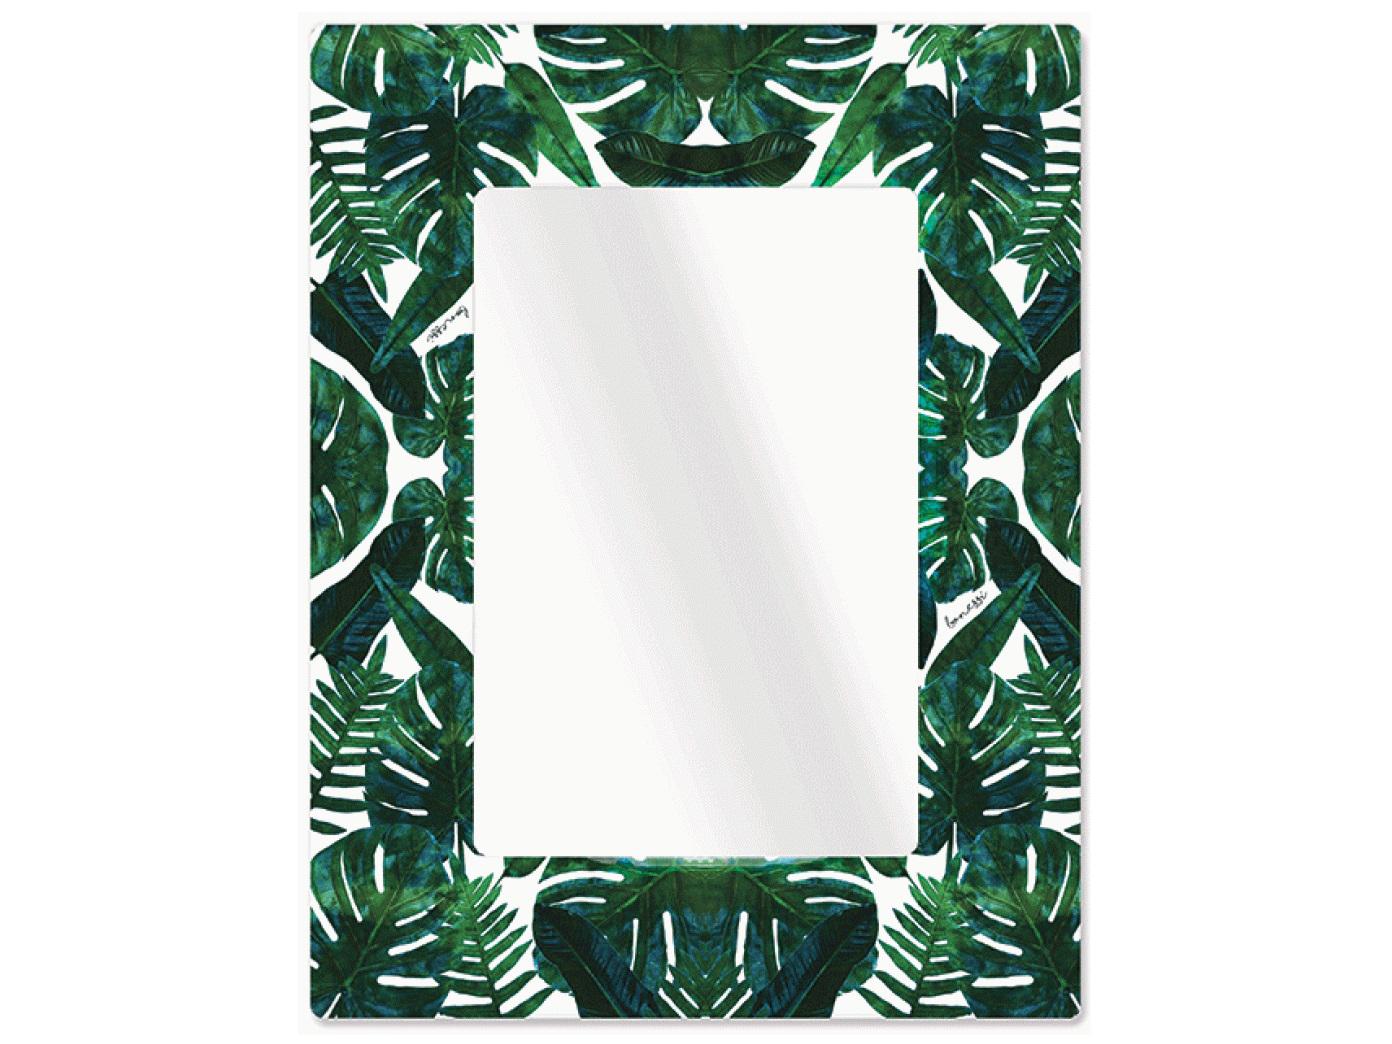 Зеркало TropicНастенные зеркала<br>&amp;lt;div&amp;gt;Новая волна «тропической» и, пожалуй, самой красивой лихорадки, охватила мир дизайна! Тропические&amp;amp;nbsp;&amp;lt;/div&amp;gt;&amp;lt;div&amp;gt;папоротники, банановые и пальмовые листья теперь оказывают большое&amp;amp;nbsp;&amp;lt;/div&amp;gt;&amp;lt;div&amp;gt;влияние и на дизайн интерьера.Если Вам нравится ощущение сочного лета, тропики, пальмы и зеленый цвет, то зеркало TROPIC станет отличным приобретением.На поверхность рисунка нанесен защитный лак, который бережет изделие от внешних повреждений.&amp;amp;nbsp;&amp;lt;/div&amp;gt;&amp;lt;div&amp;gt;&amp;lt;br&amp;gt;&amp;lt;/div&amp;gt;&amp;lt;div&amp;gt;Обращаем Ваше внимание, что цвета на мониторе могут отличаться от&amp;amp;nbsp;&amp;lt;/div&amp;gt;&amp;lt;div&amp;gt;оригинала, в зависимости от цветовых настроек Вашего монитора.&amp;lt;/div&amp;gt;<br><br>Material: Сталь